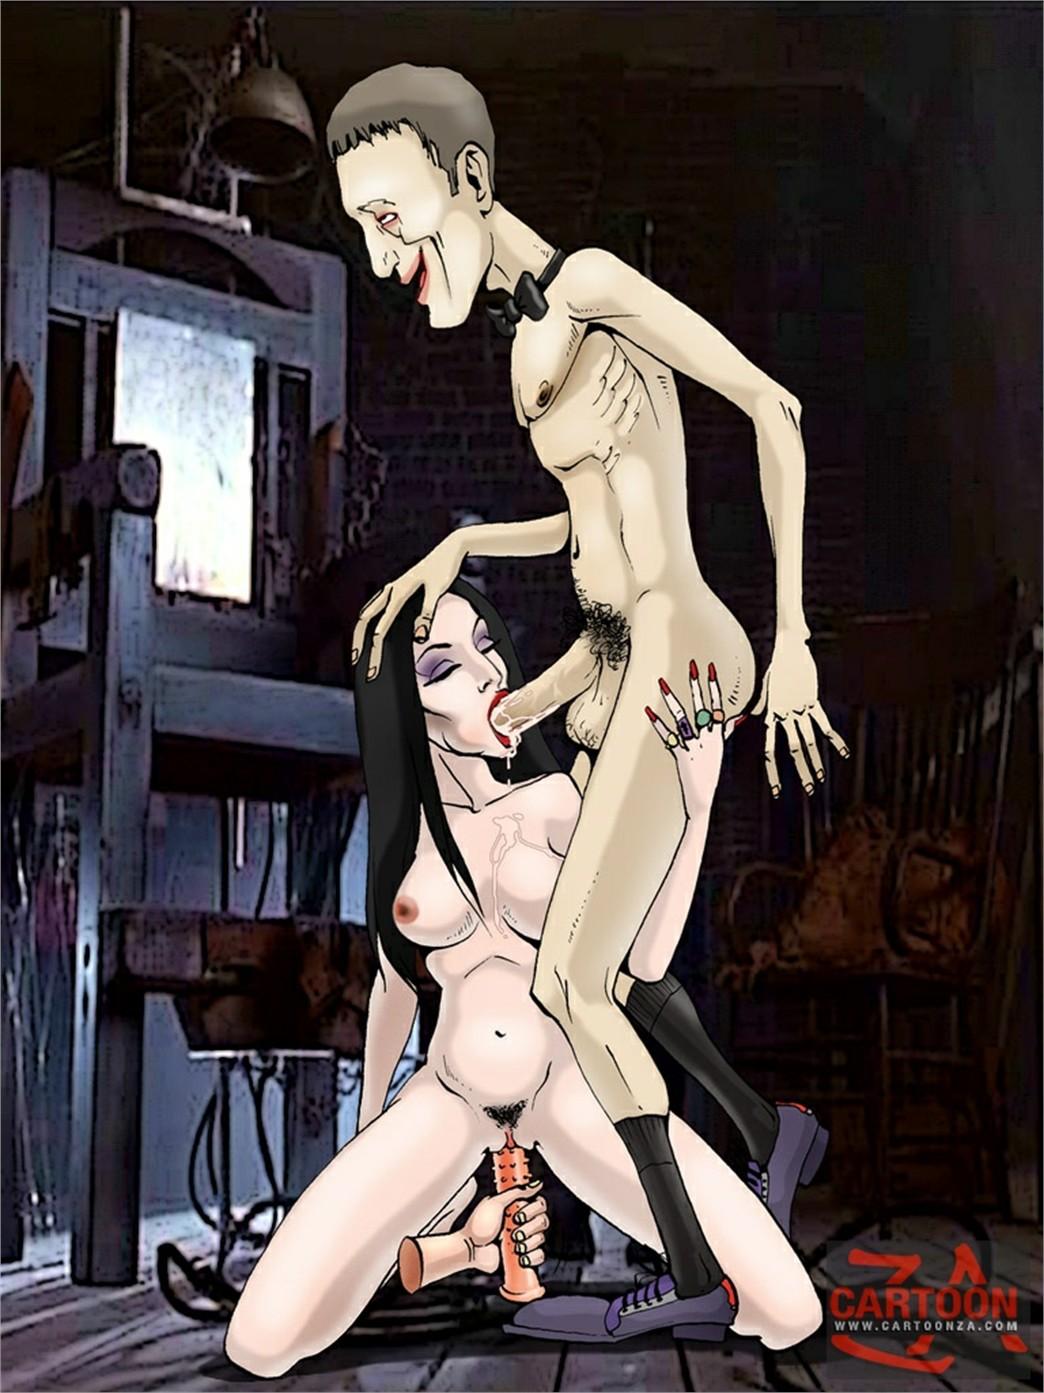 семейка аддамс порно комикс